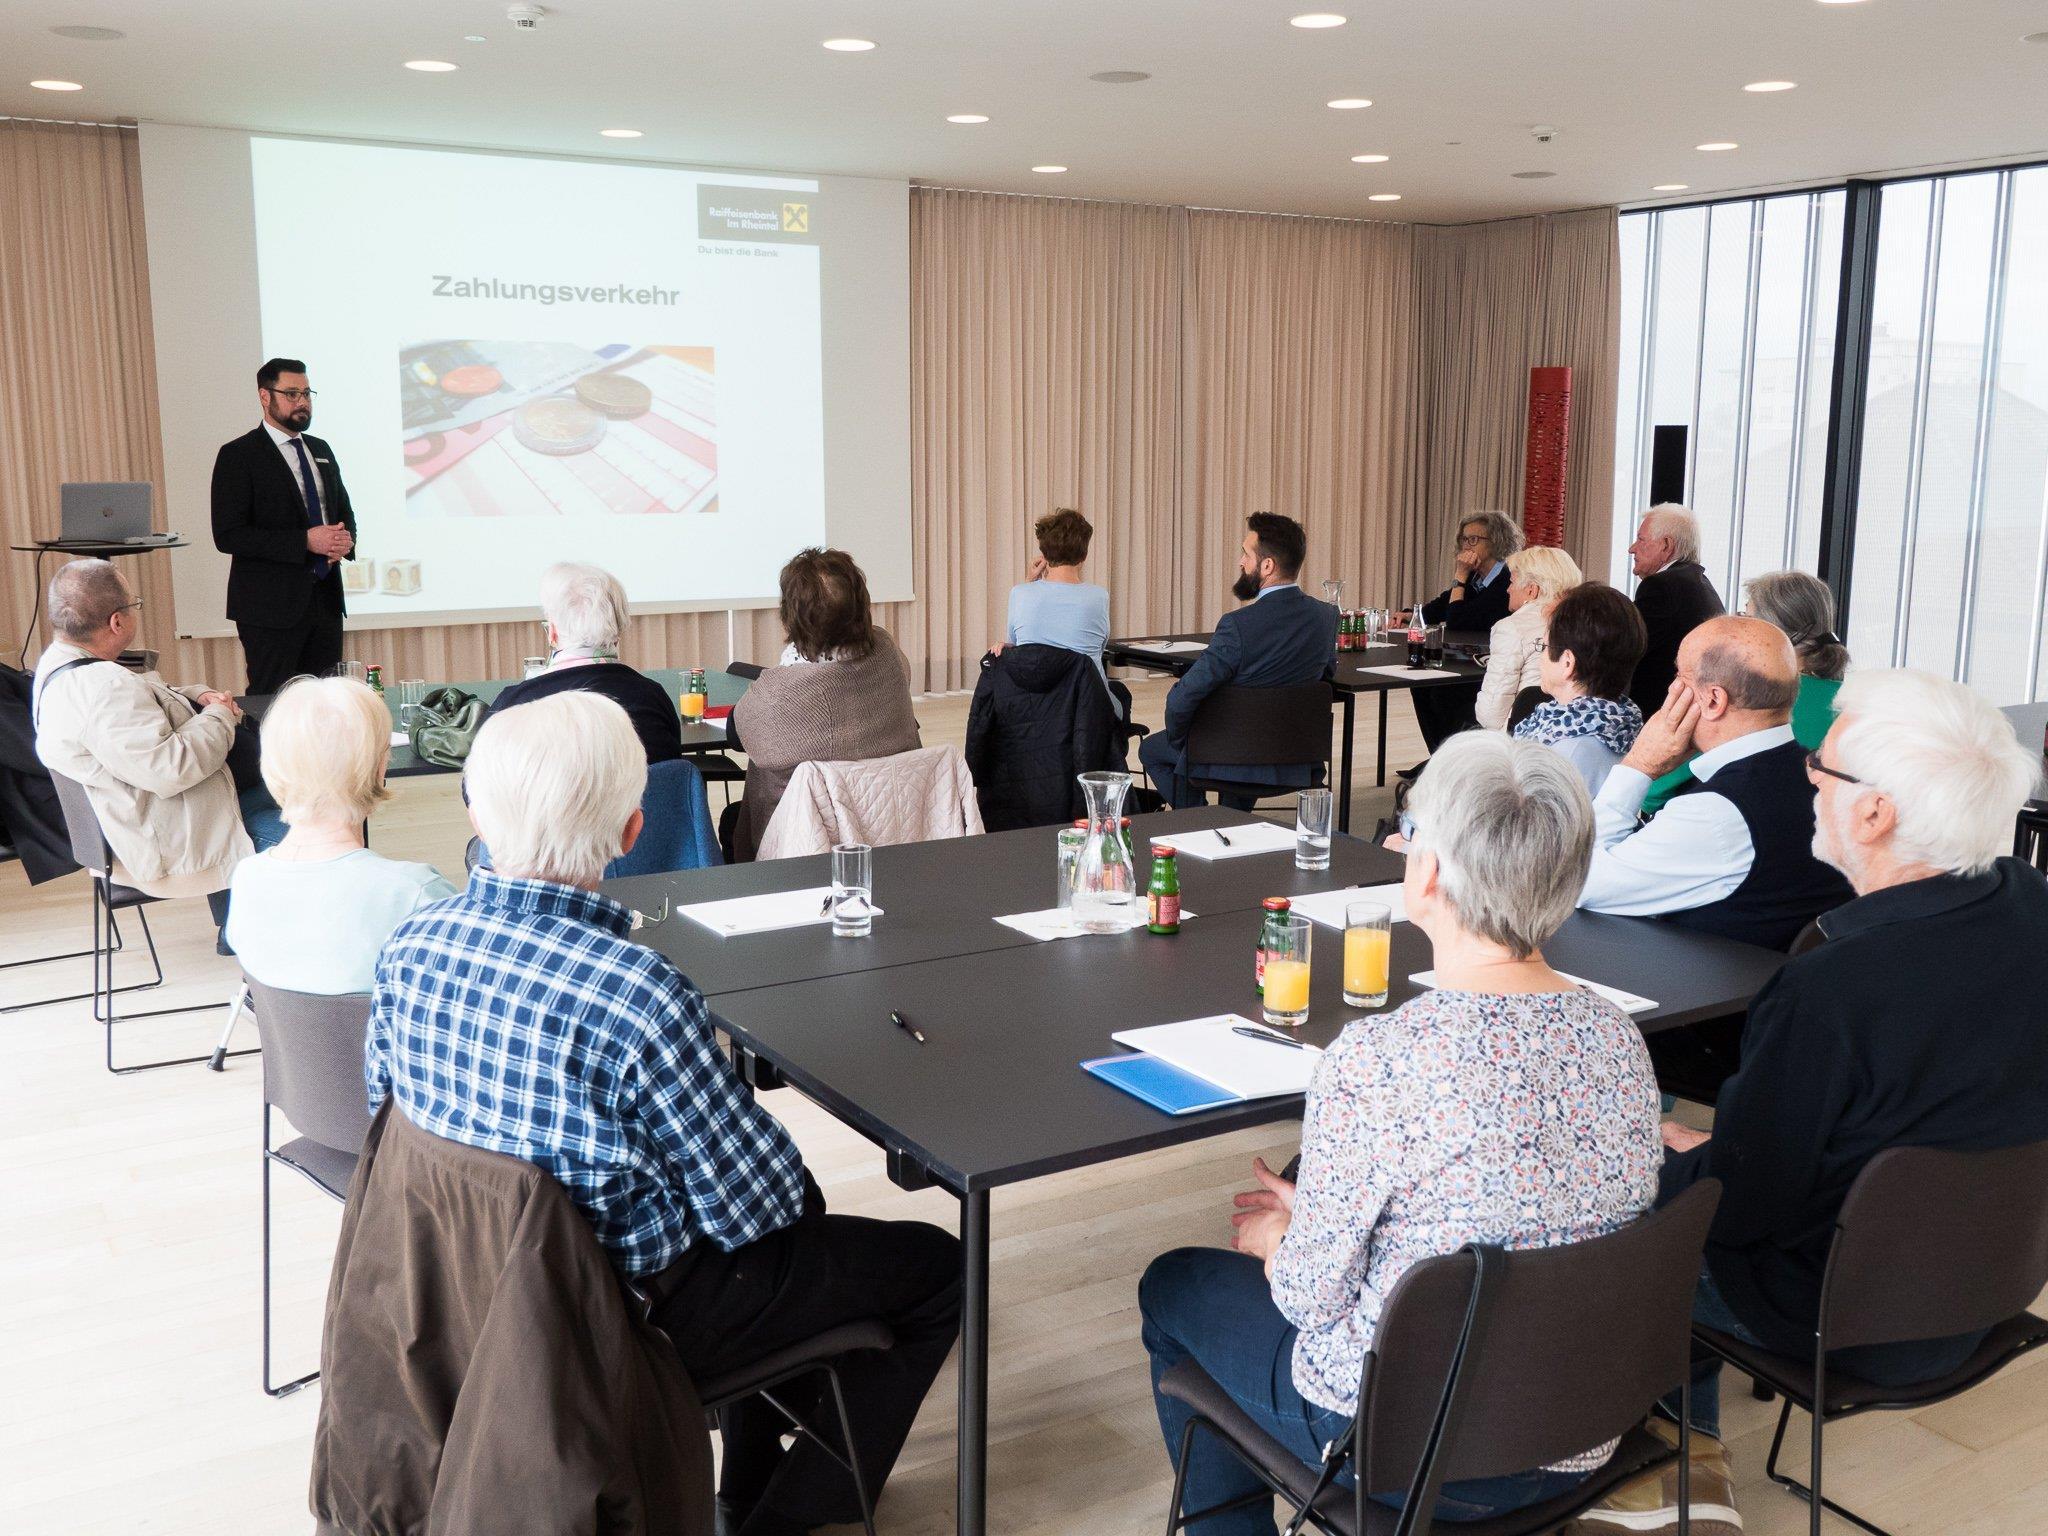 Das Raiffeisen Kundenforum bietet interessierten Kunden die Möglichkeit, im kleinen Teilnehmerkreis die Vorteile eines modernen Kontos kennen zu lernen und gleich auszuprobieren.